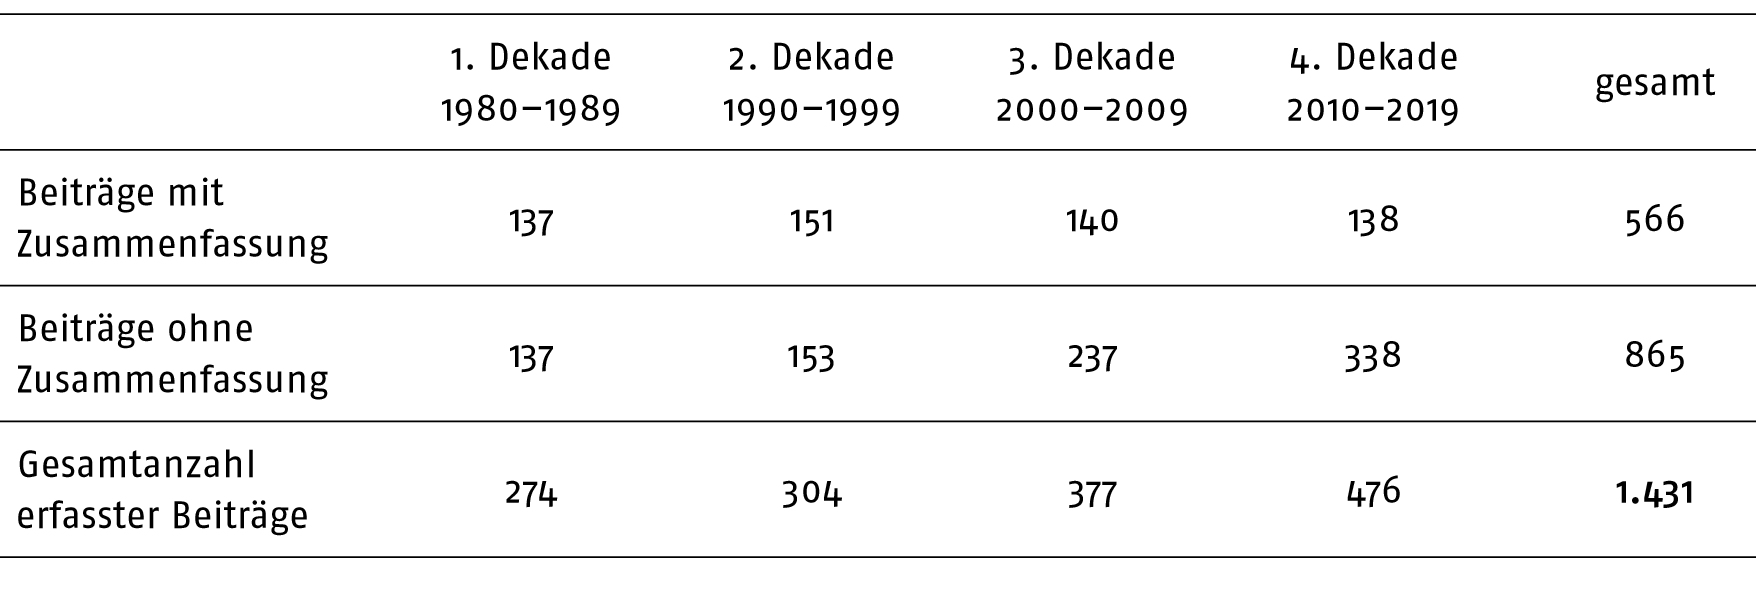 Smetana Wortwolken Beitrag muum.2020.41.4.365-Tabelle1